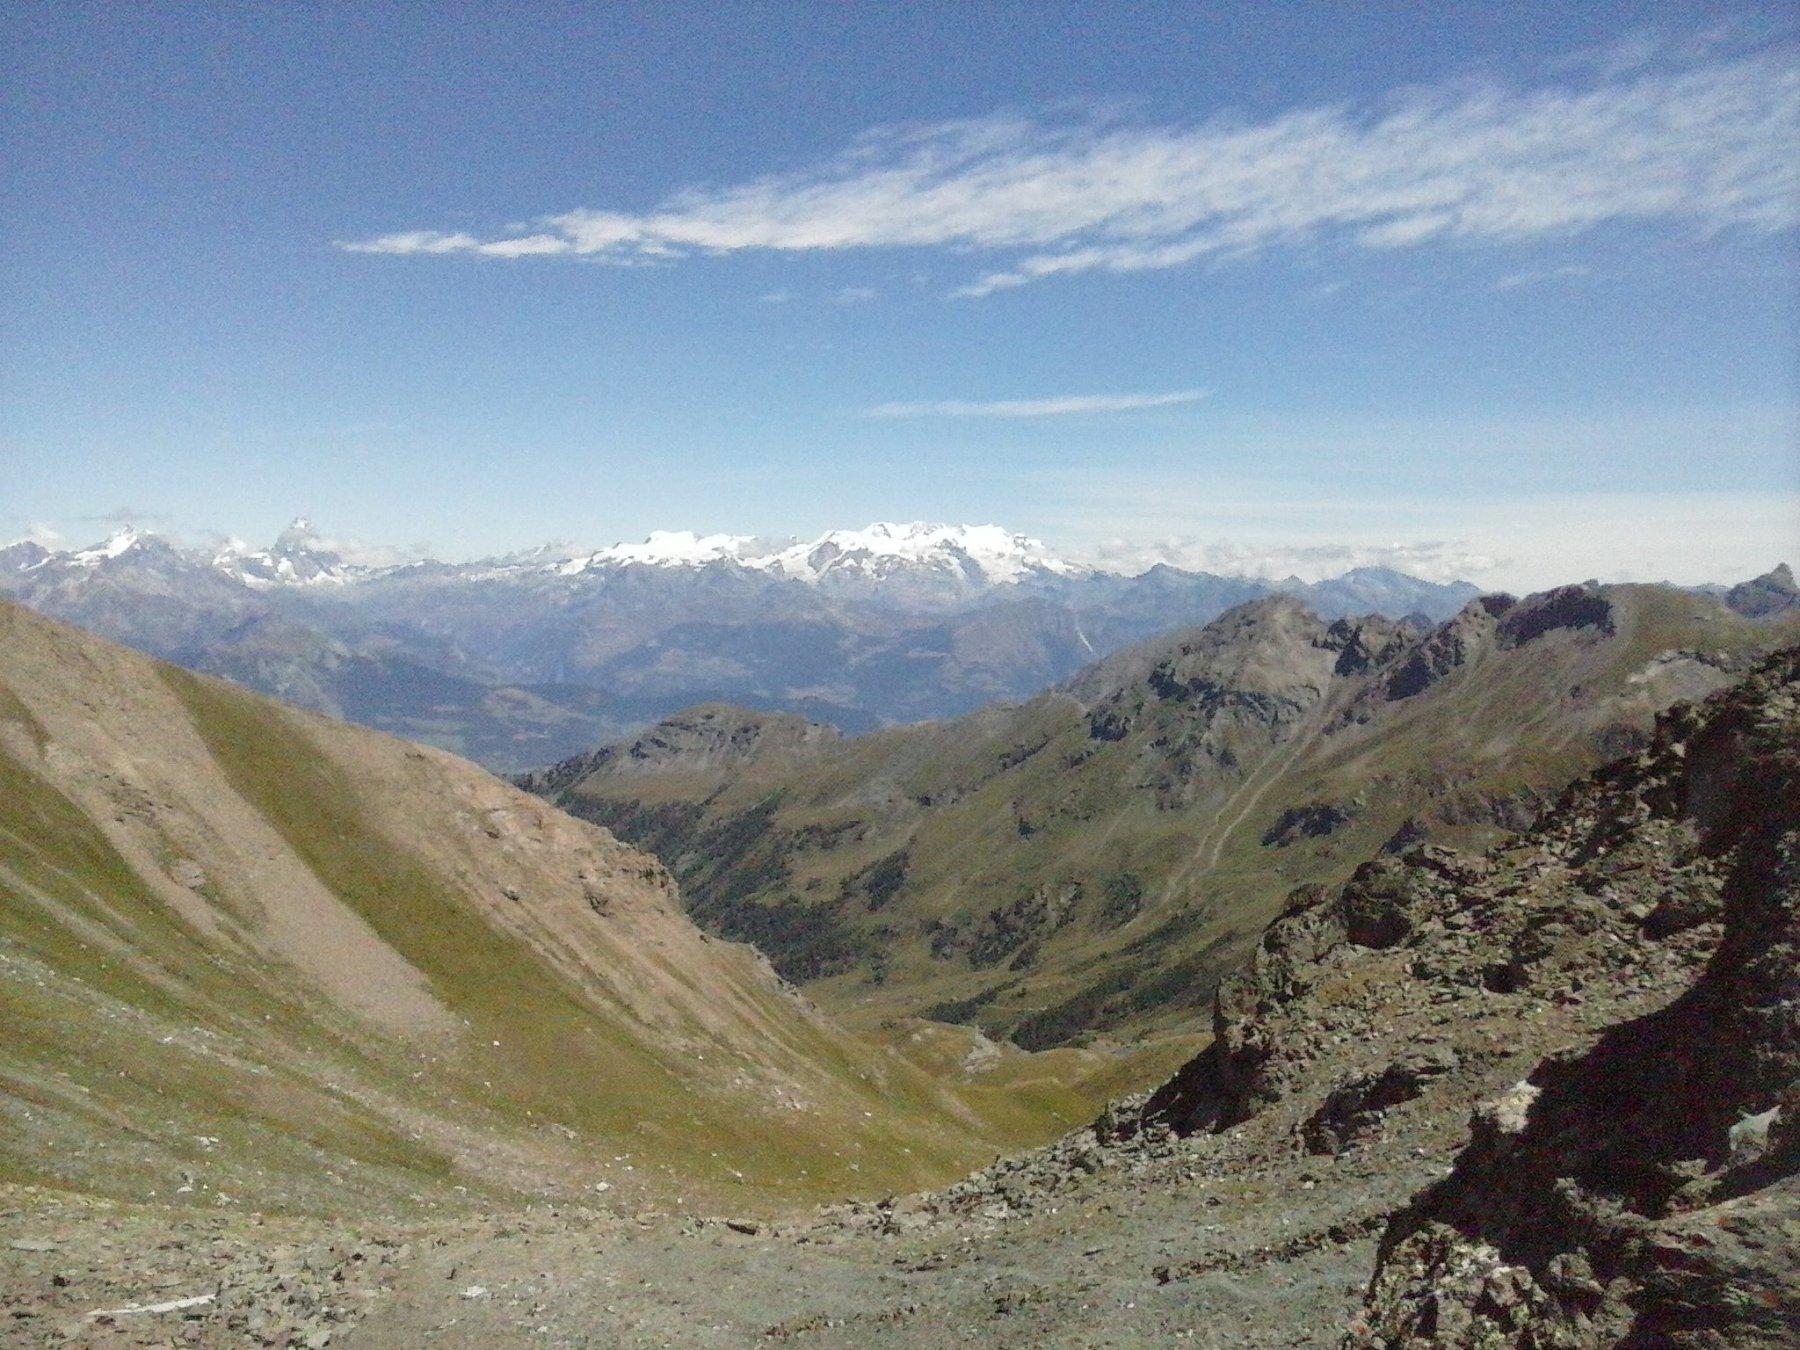 arrivati al colle..vista sul versante opposto ,a fare da sfondo panorama sul gruppo del Rosa e sul Cervino...